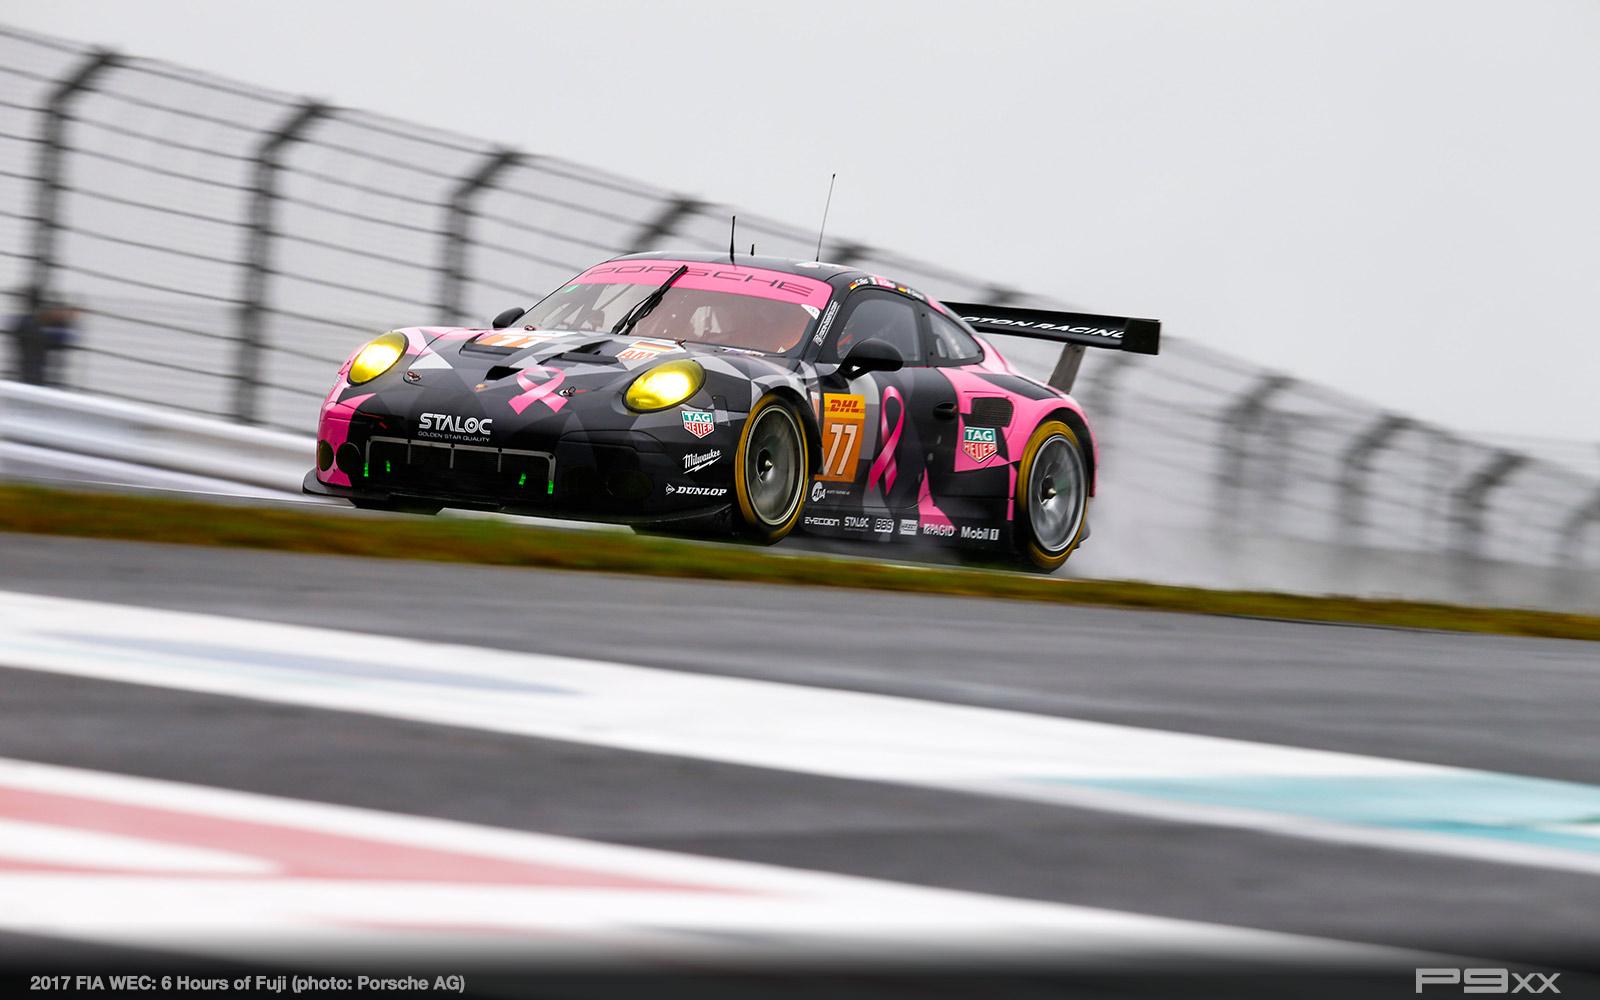 2017-FIA-WEC-6h-of-Fuji-Porsche-386